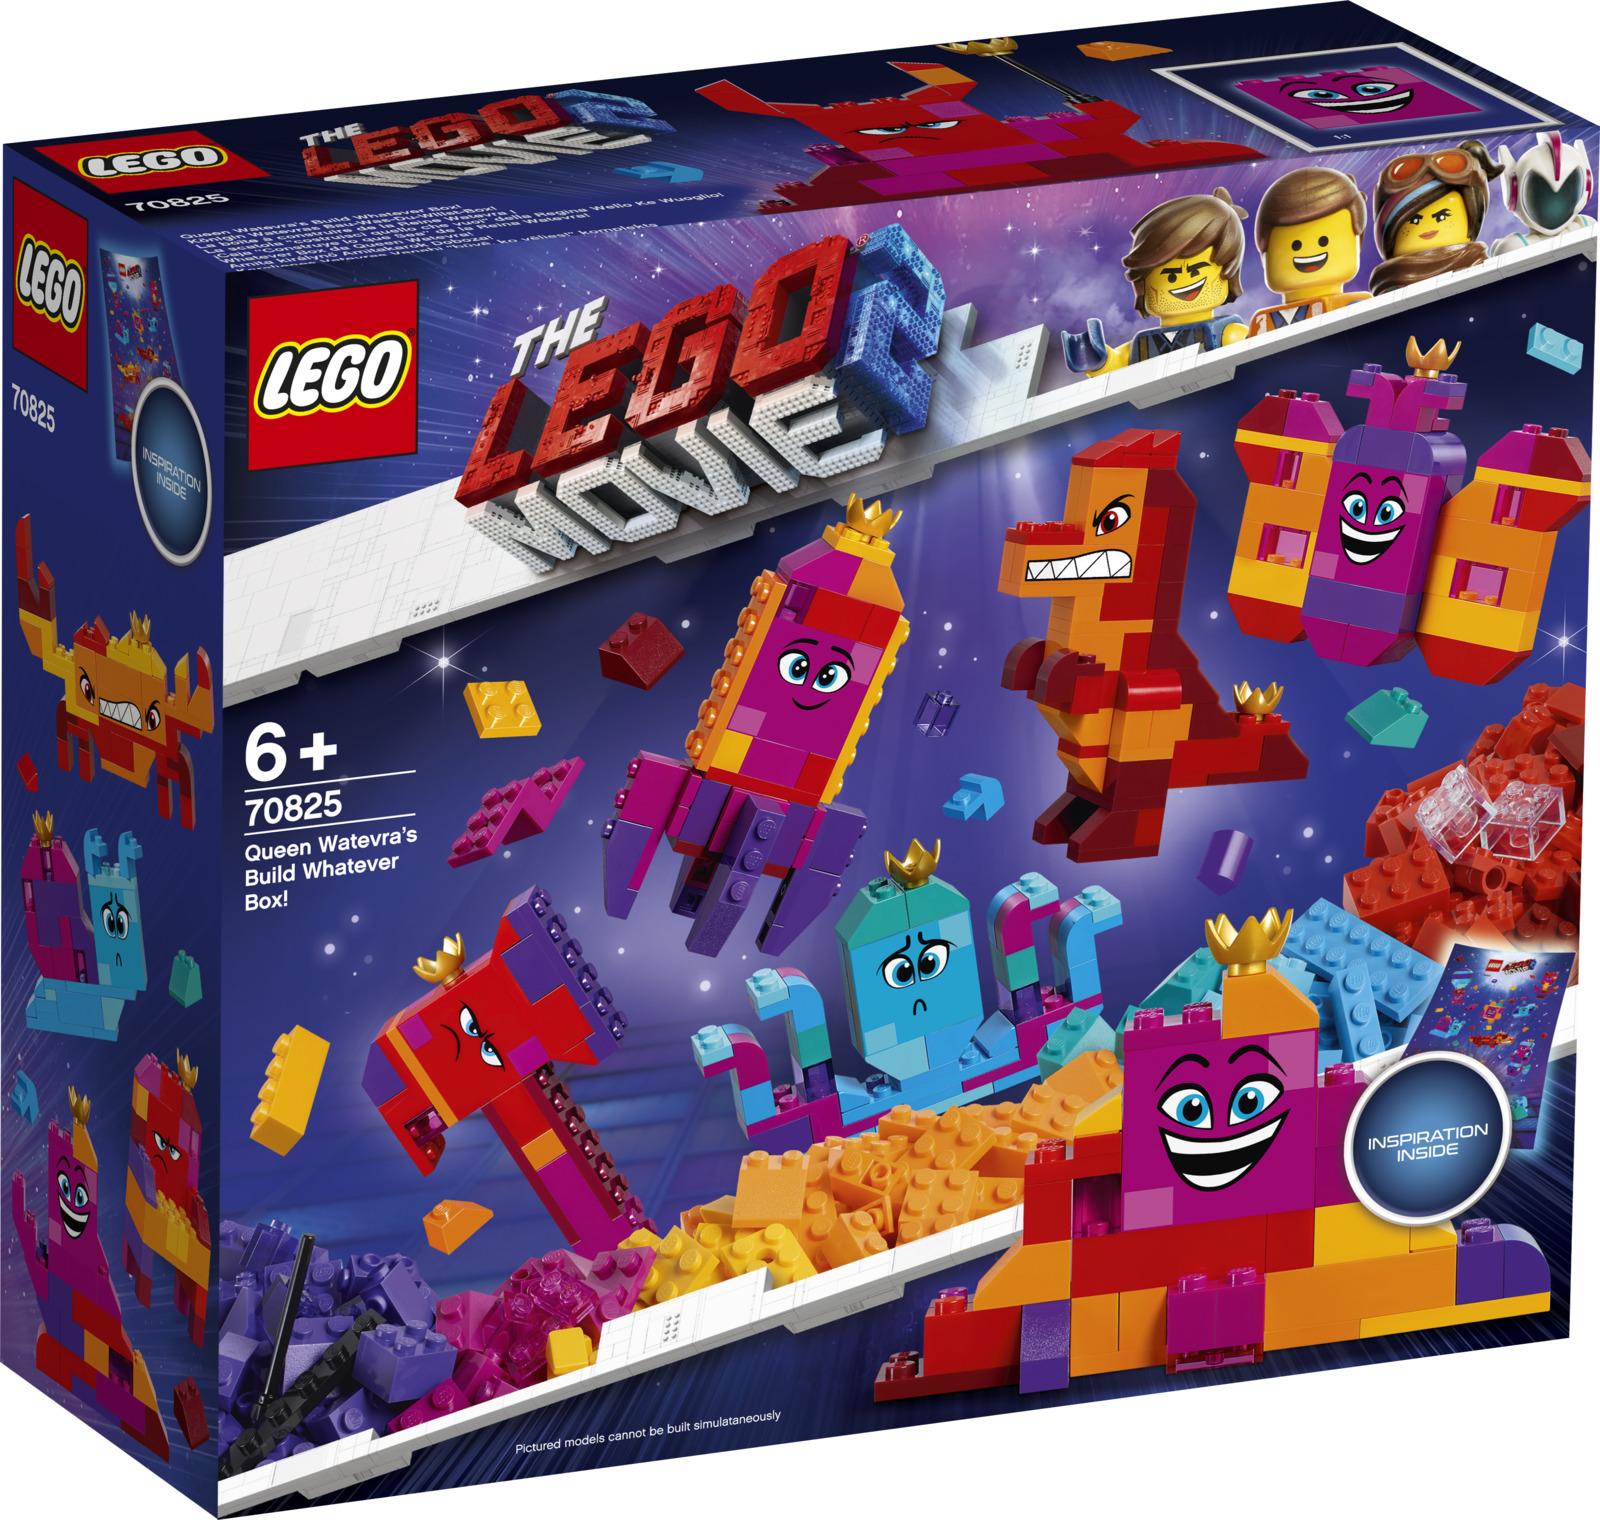 конструктор playgo построй динозавра play 2044 LEGO Movie 2 70825 Шкатулка королевы Многолики Собери что хочешь Конструктор